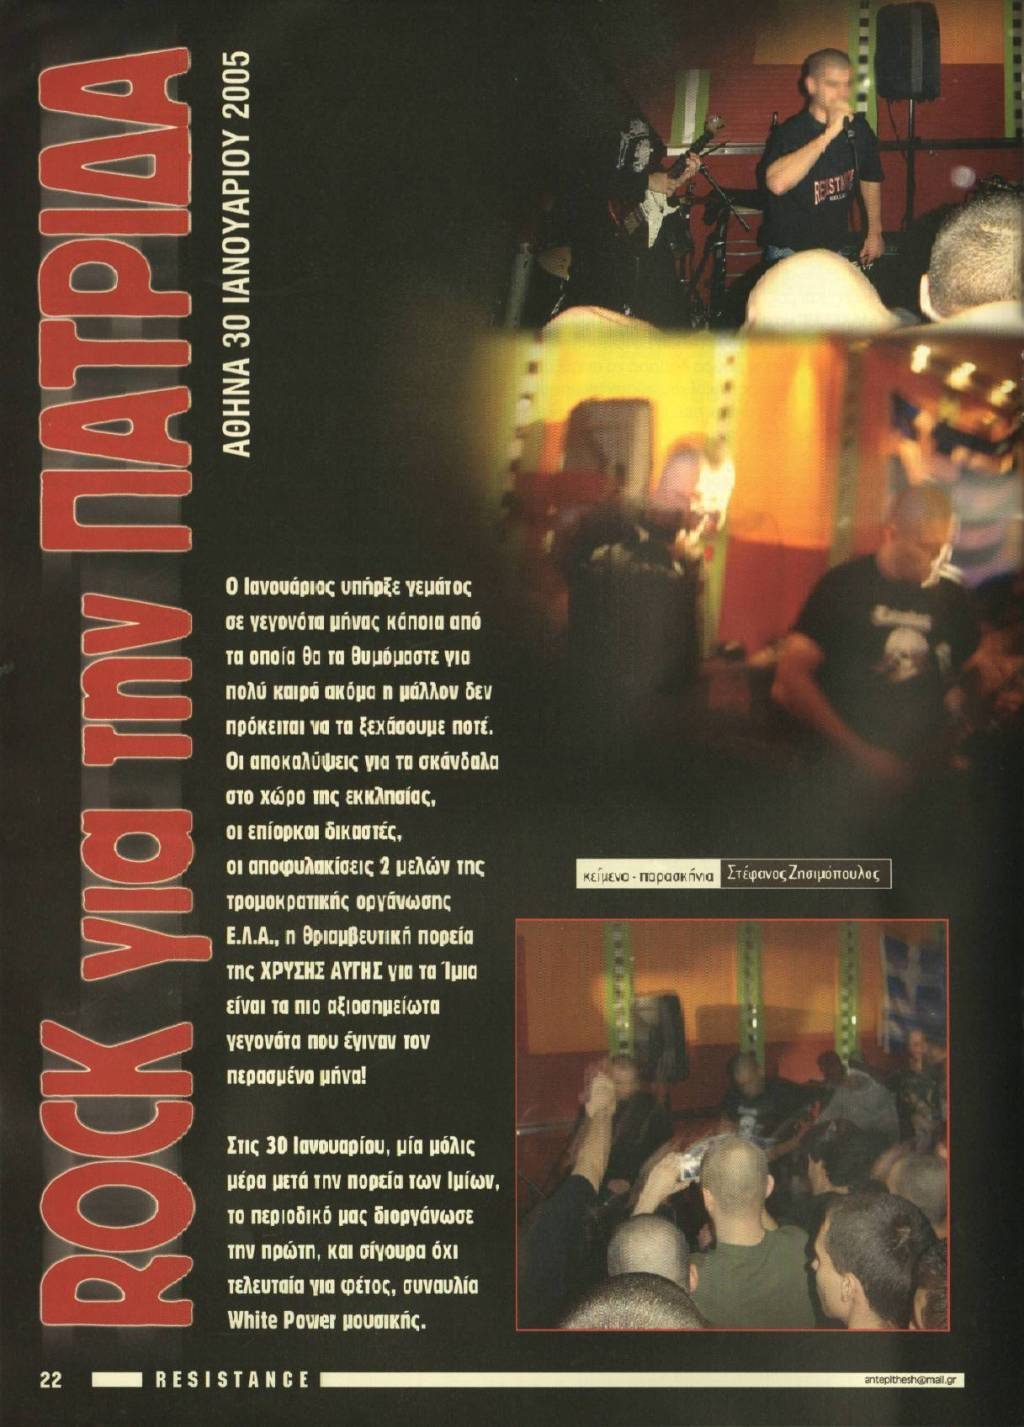 2005-03-ΜΑΡ-ΑΝΤΕΠΙΘΕΣΗ-ΤΧ#22-ΣΕΛ-22 - Ροκ για την πατρίδα 2005-01-30 - Συναυλία σε μαγαζί - Annette & Muller + Pogrom + Ολική Κάθαρση + Boiling Blood - ΑΝΤΕΠΙΘΕΣΗ, Α.Τ. 22, 03-2005, σελ. 22